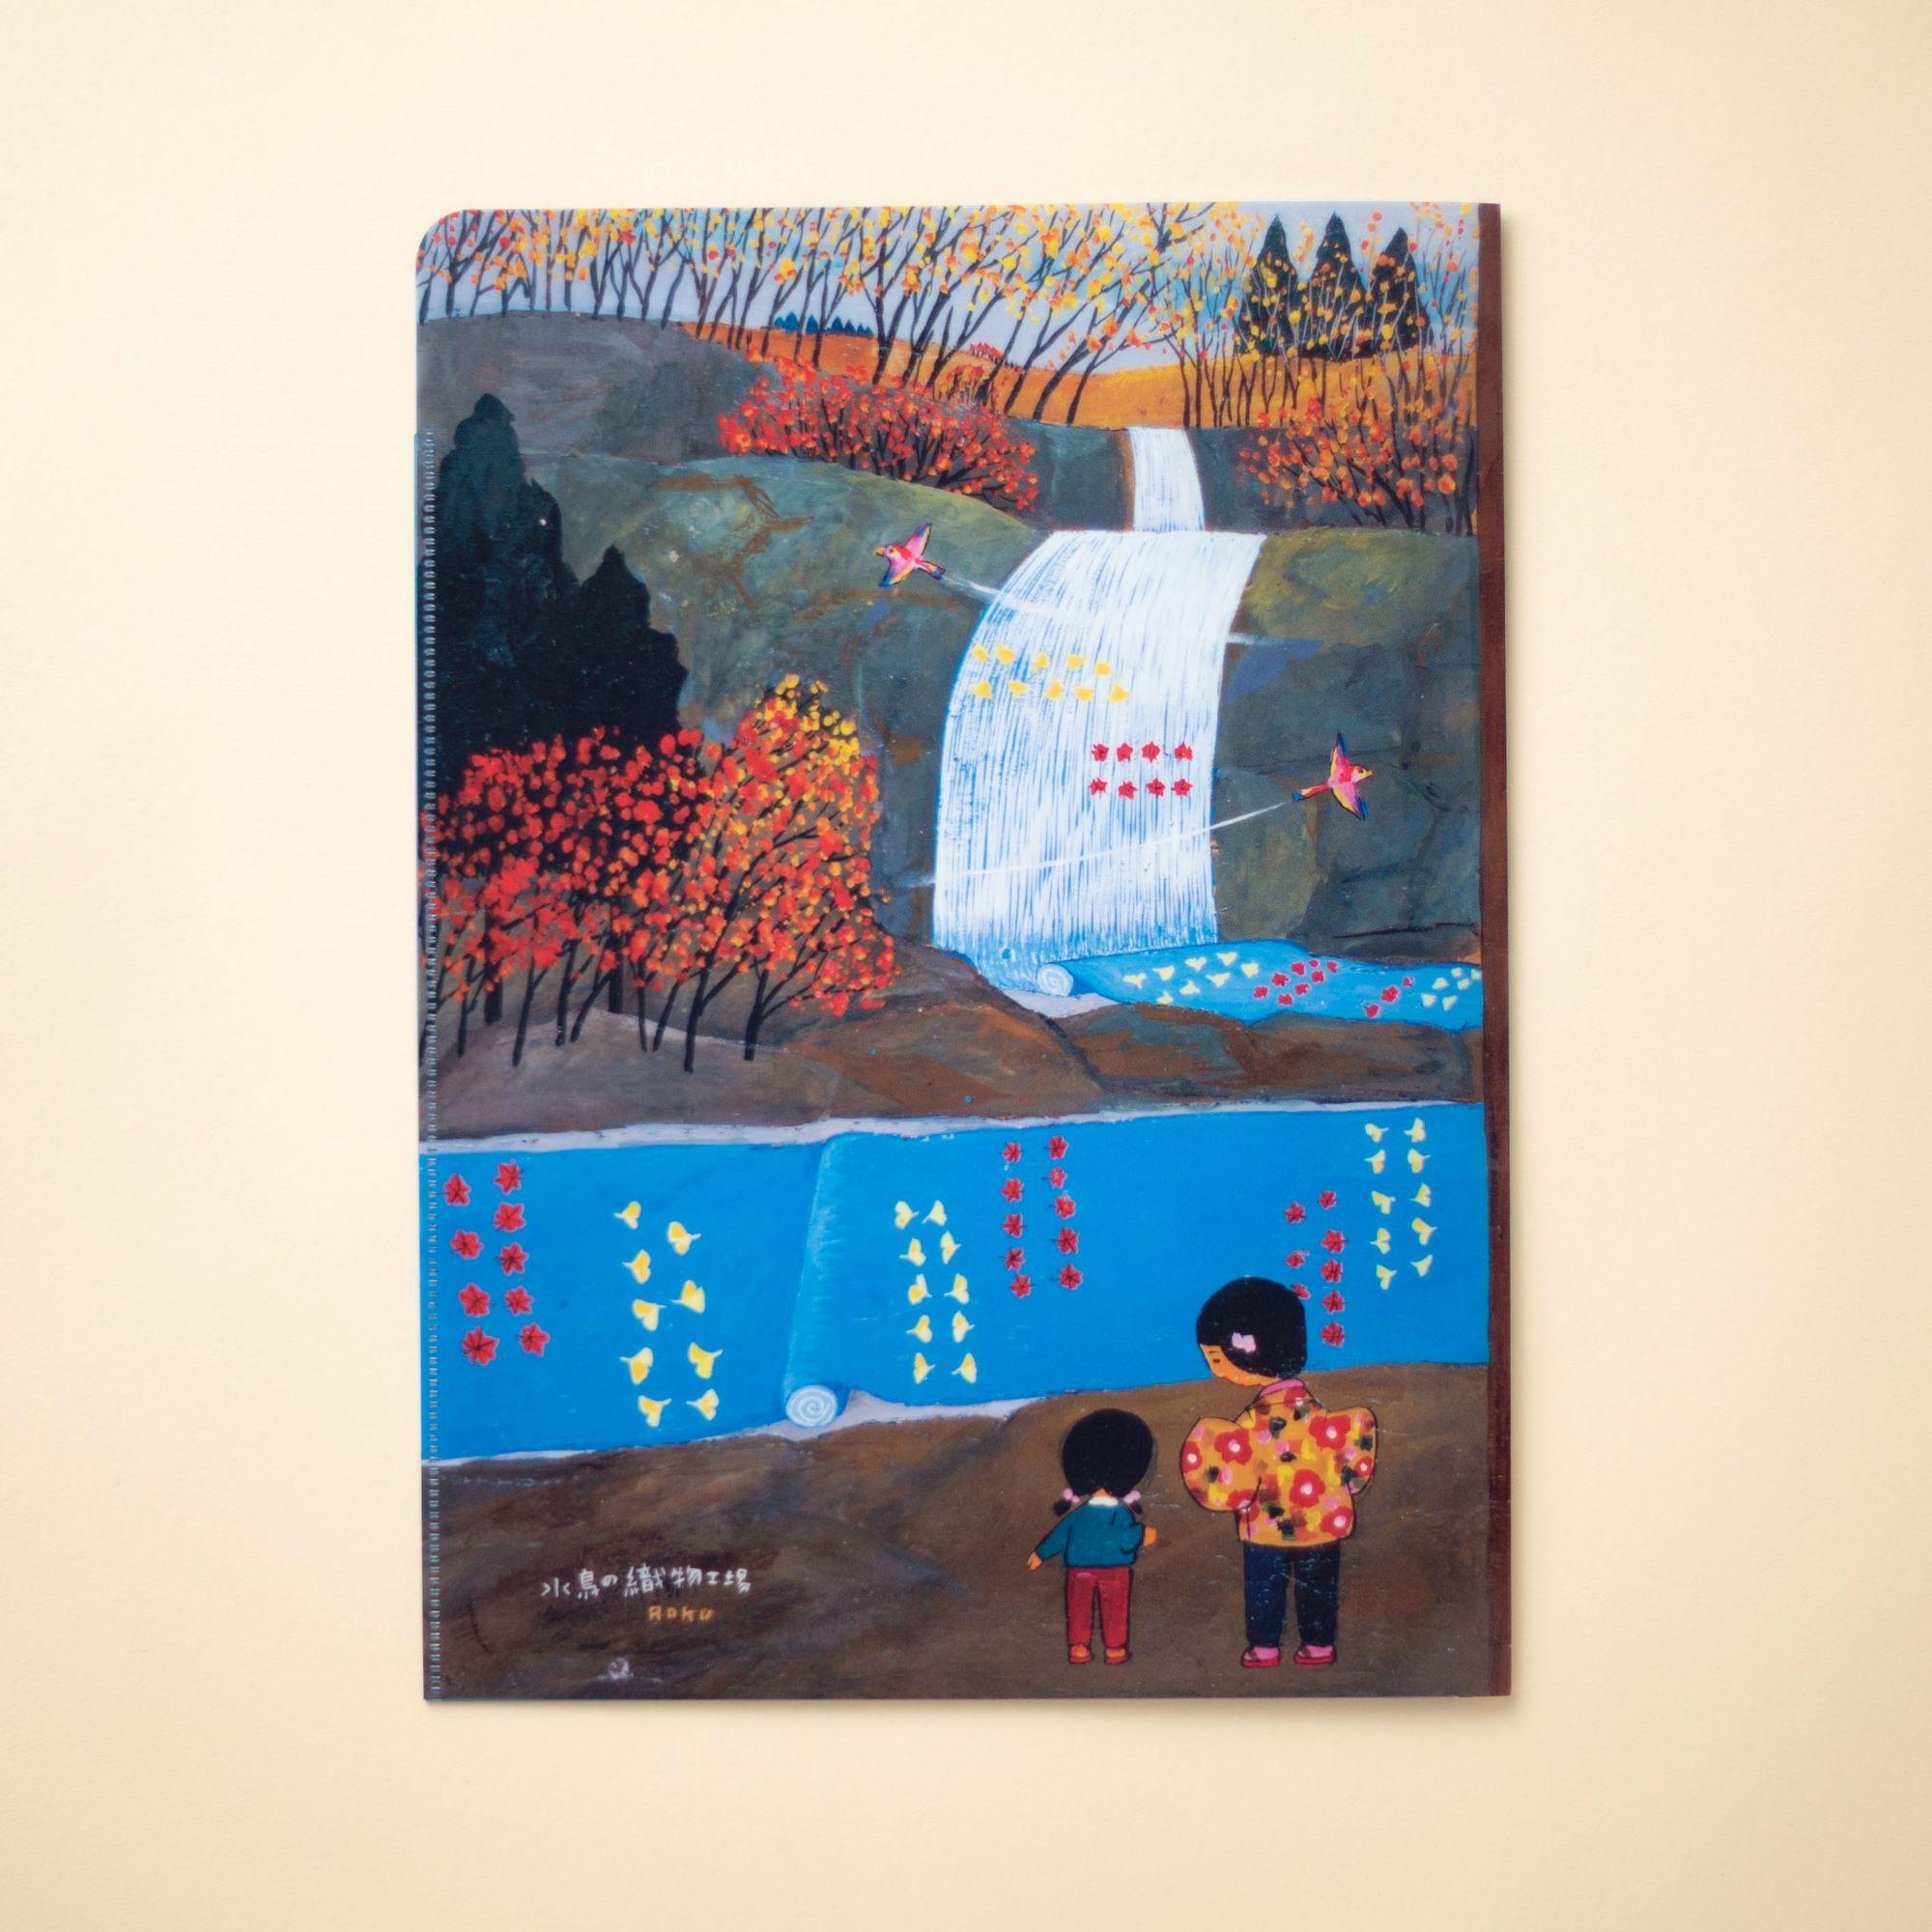 谷内六郎『週刊新潮』 四季の表紙絵 B5ダブルクリアファイル<雪野のスライド会、水鳥の織物工場>